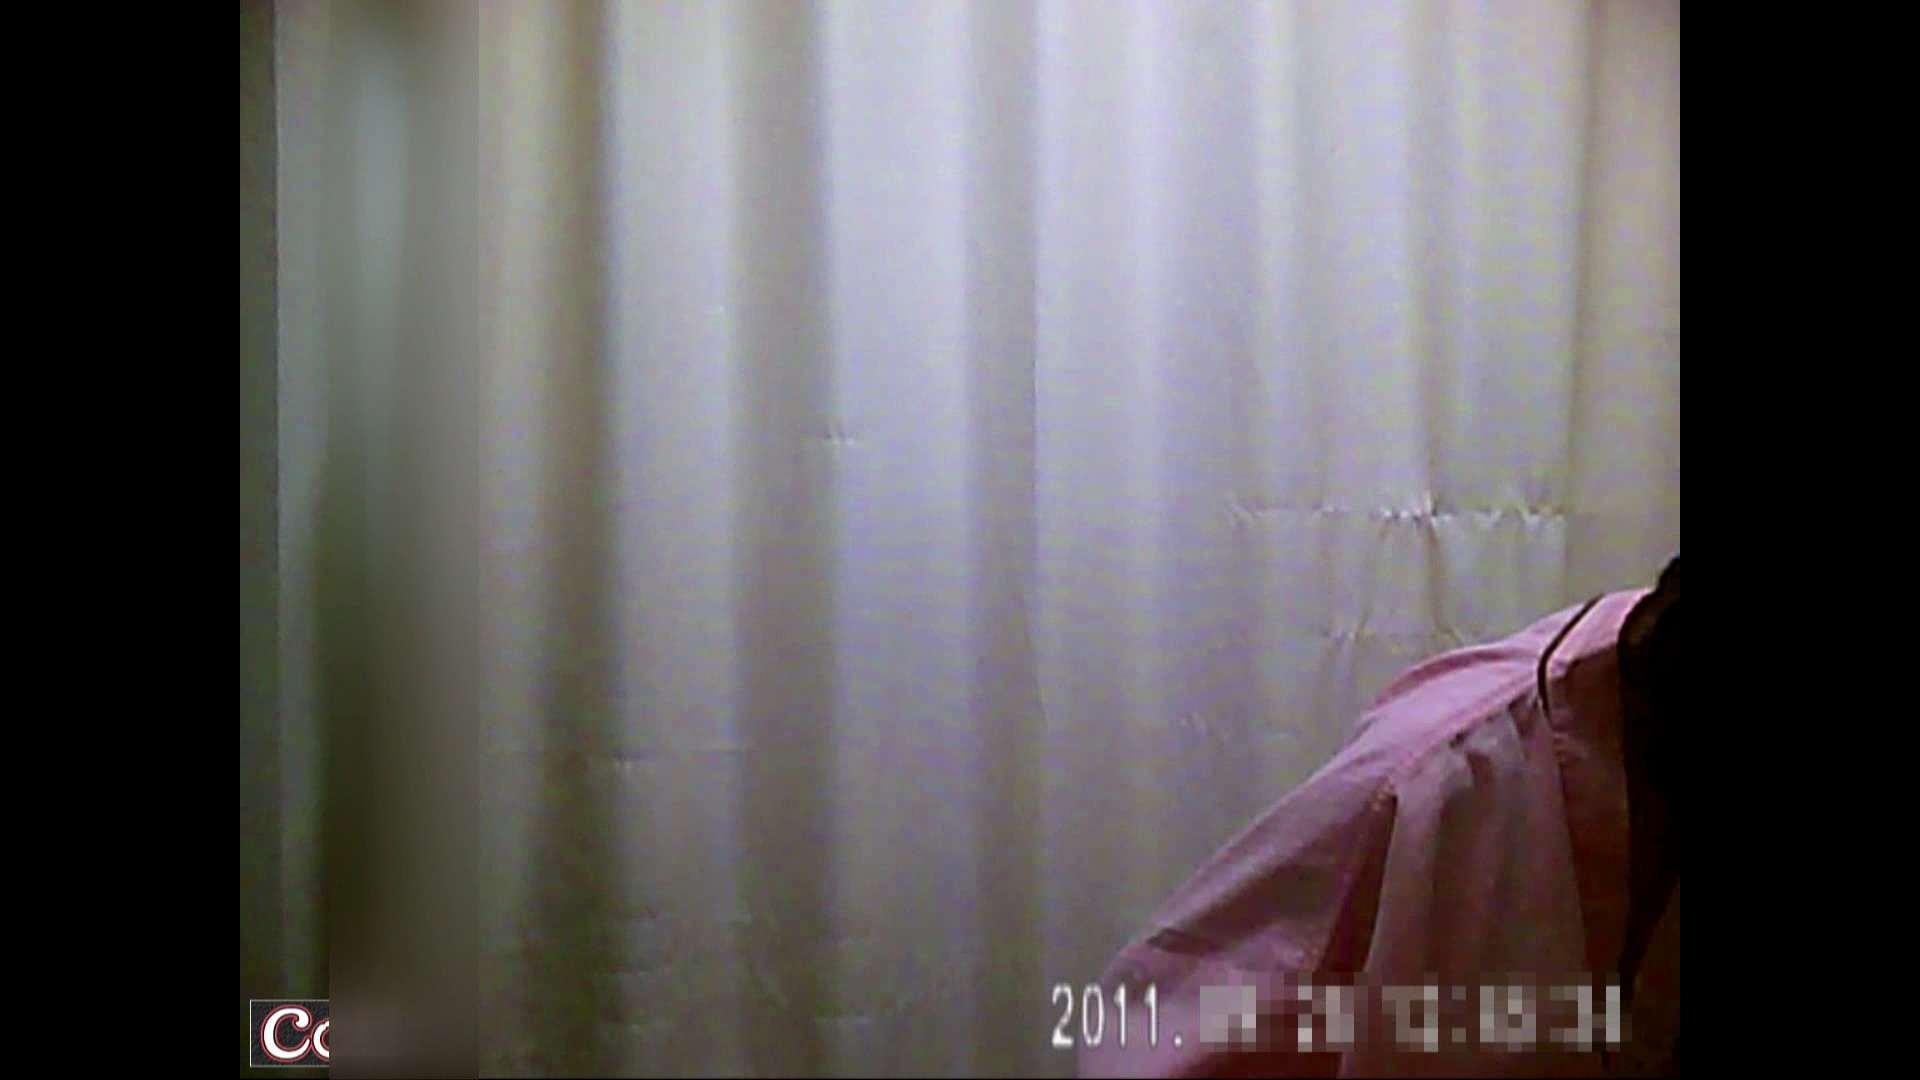 無修正おまんこ動画 元医者による反抗 更衣室地獄絵巻 vol.255 怪盗ジョーカー